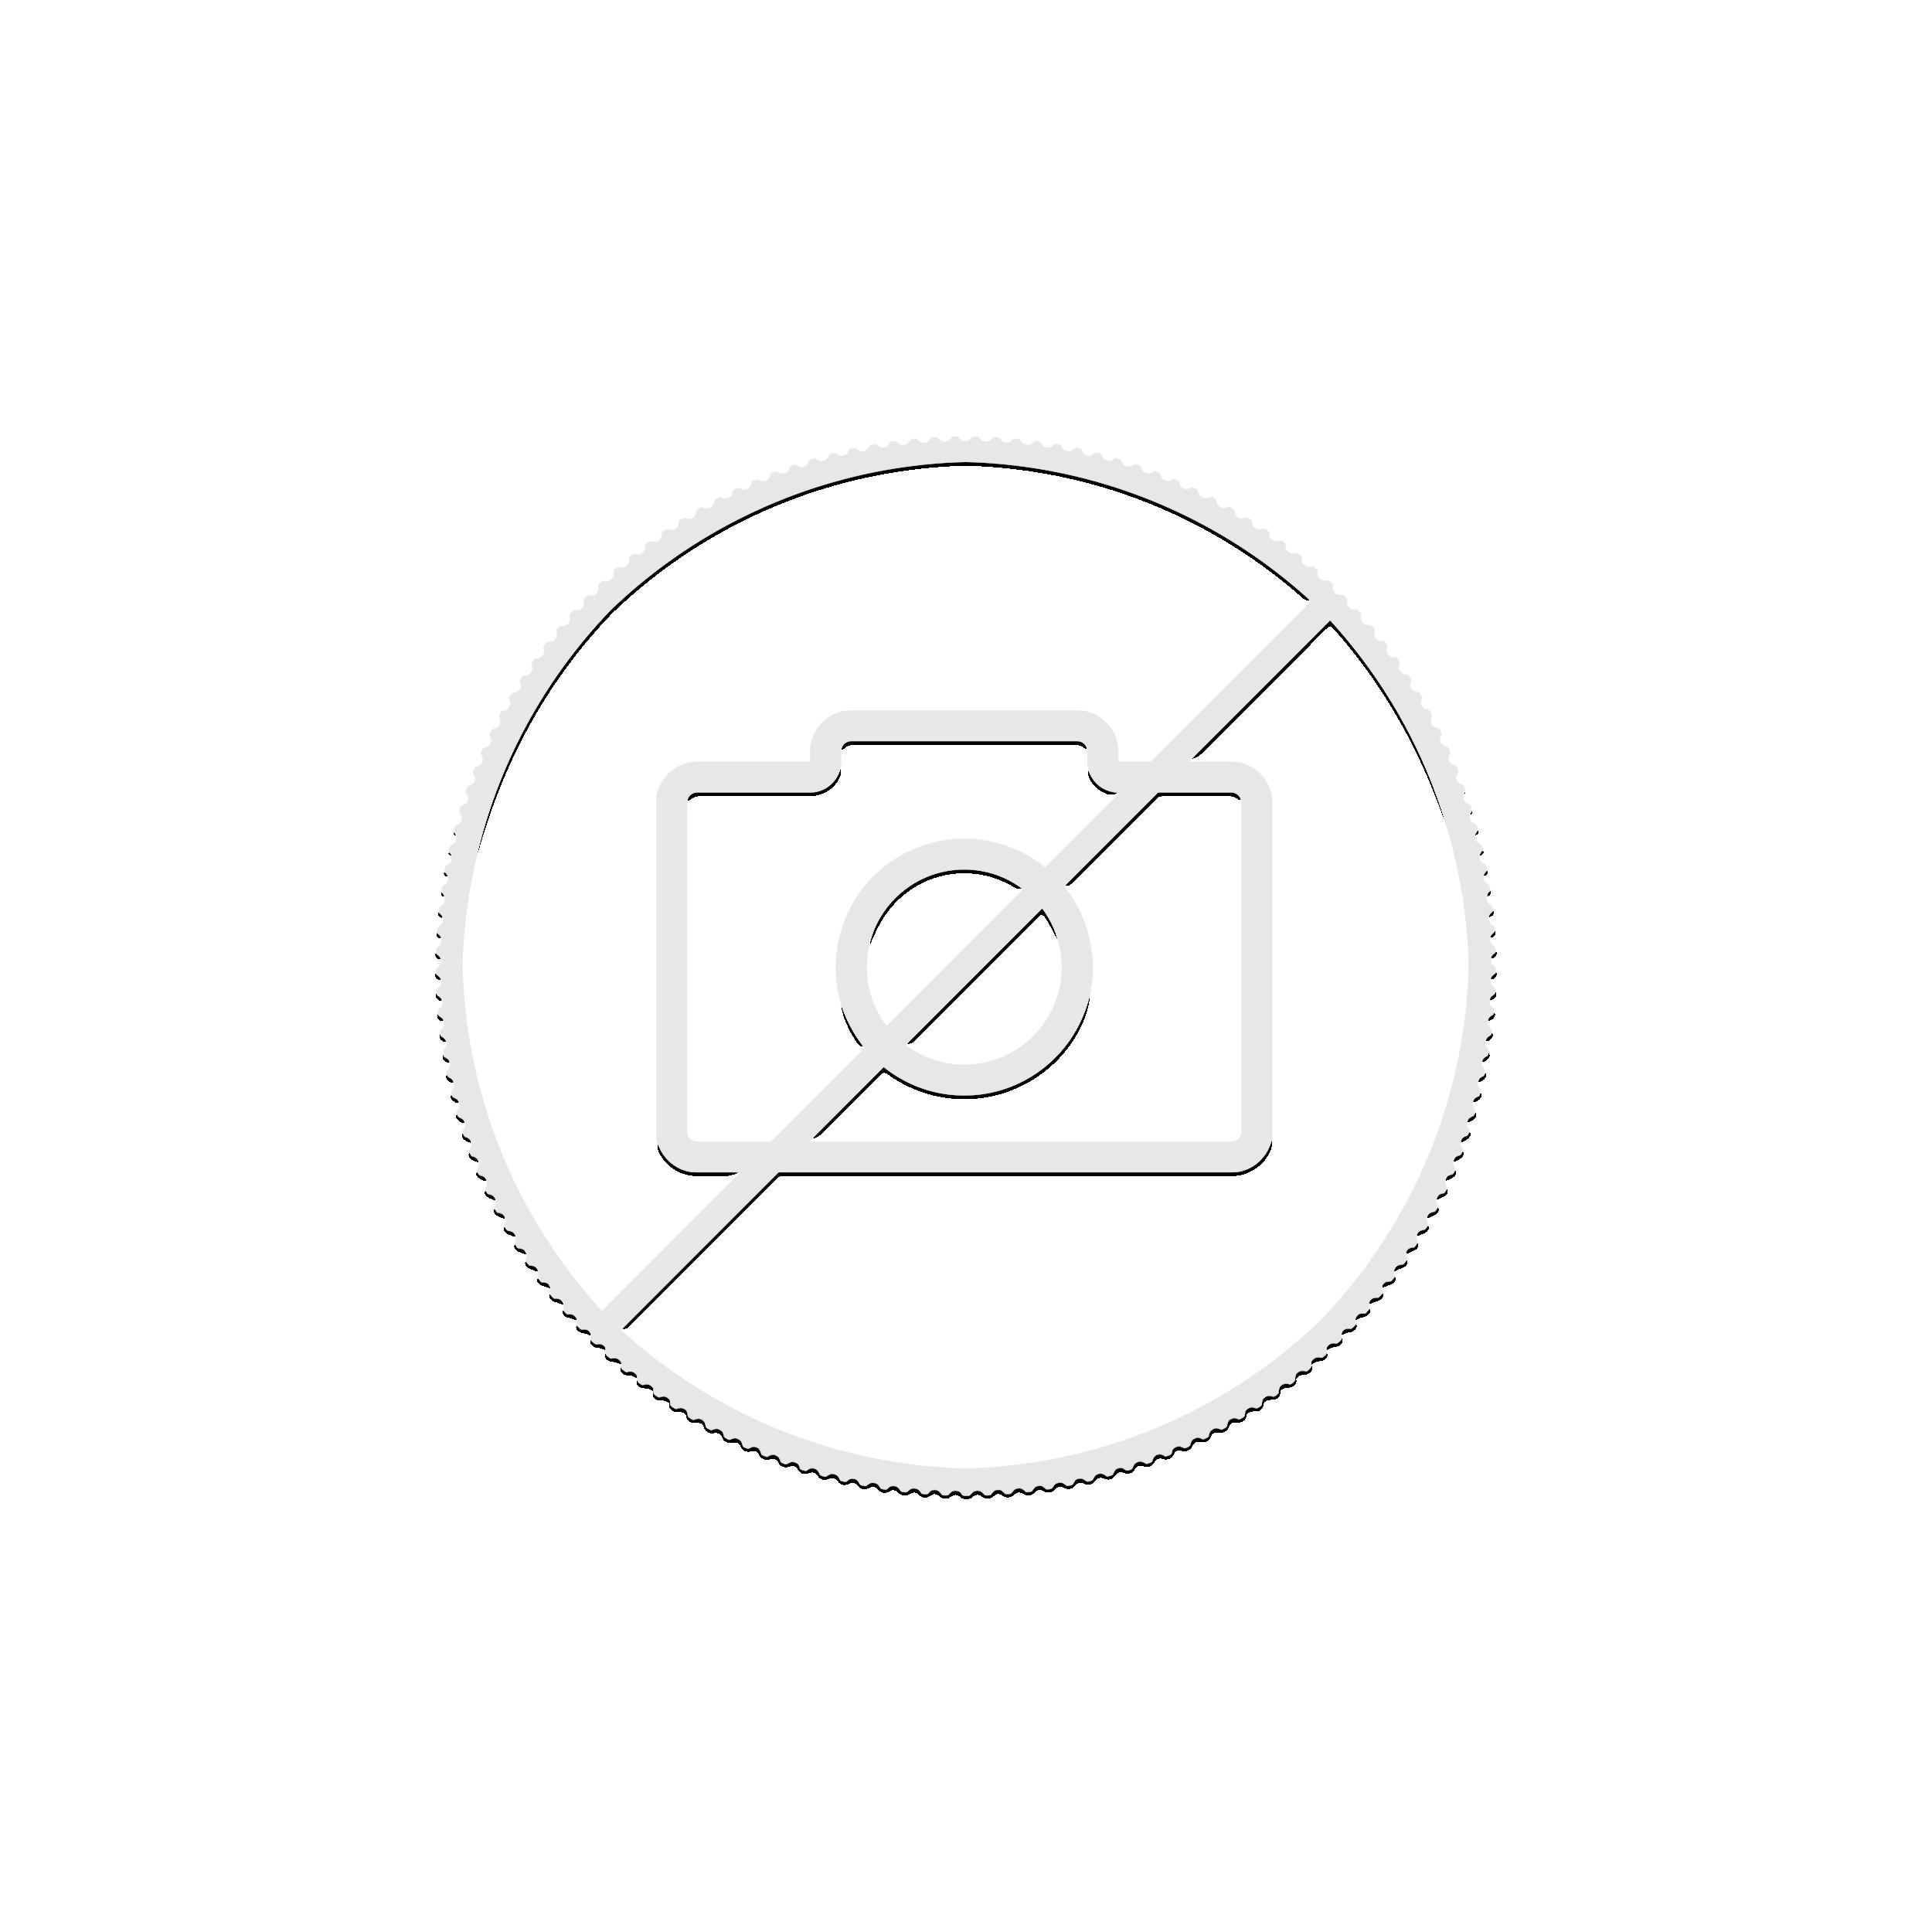 1 Troy ounce zilveren munt Disney Lunar jaar van de muis - welvaart 2020